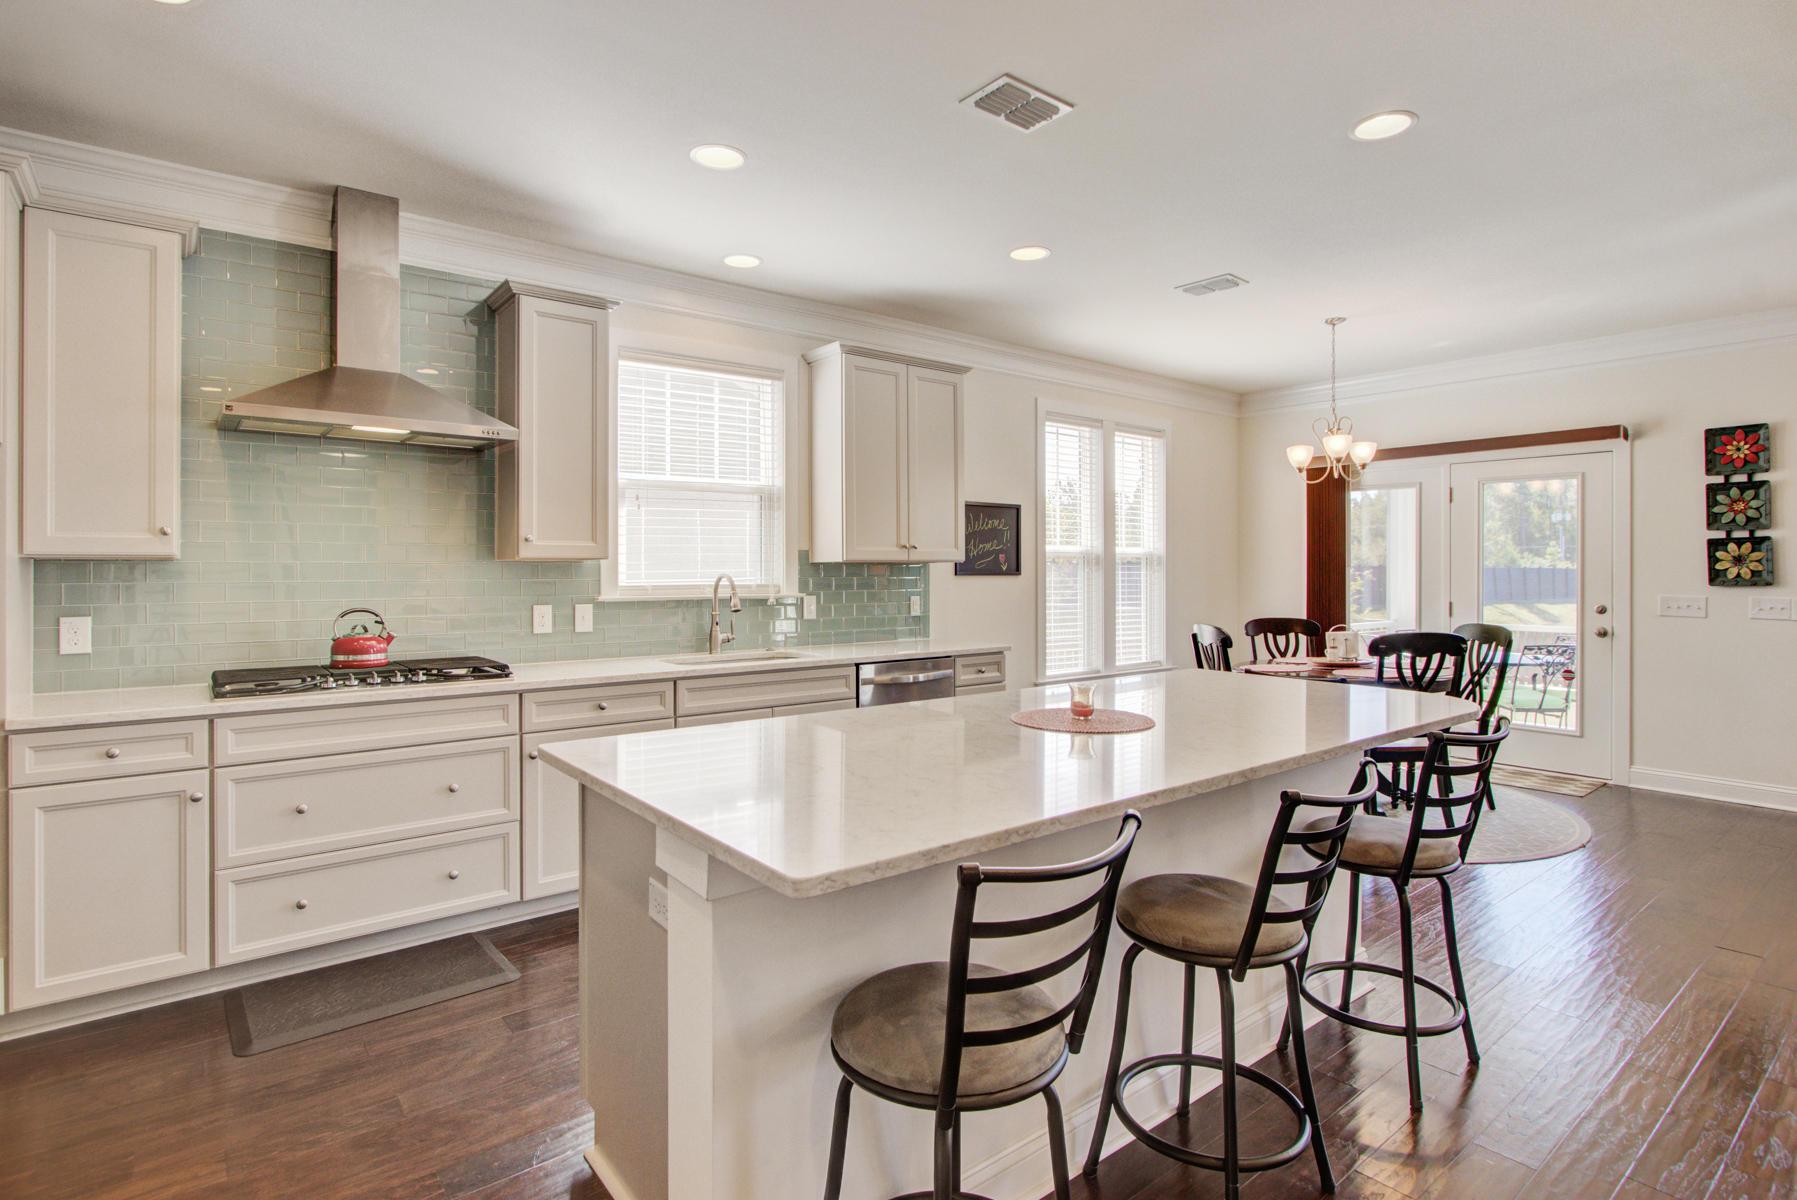 Magnolia Village Homes For Sale - 1309 Enfield, Mount Pleasant, SC - 18